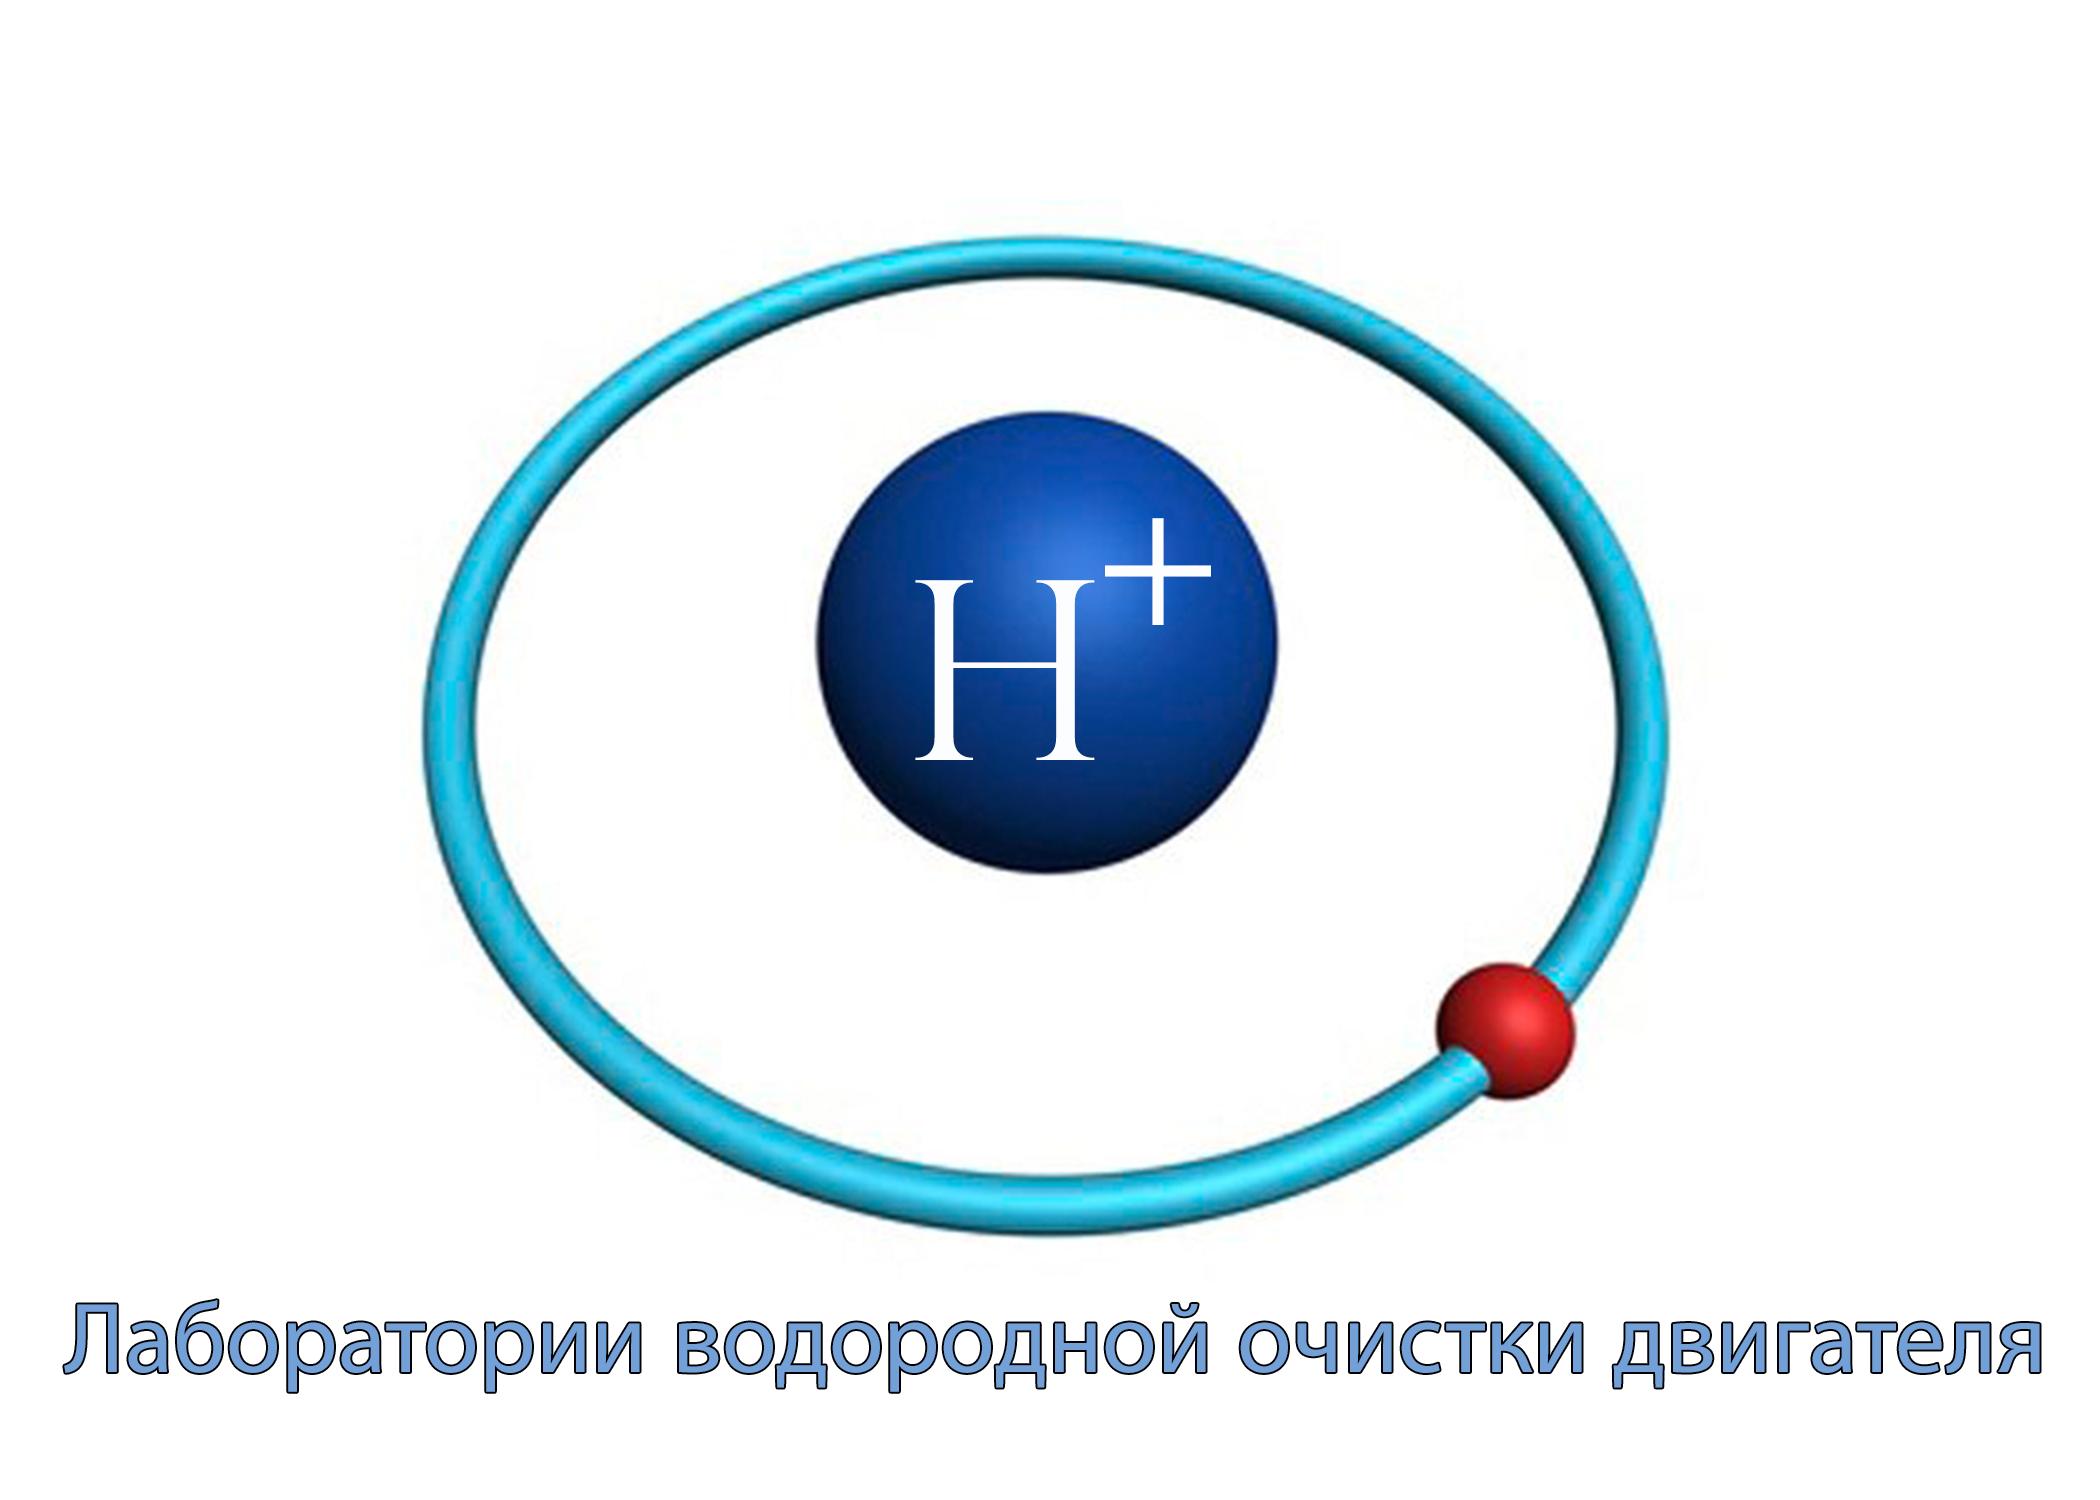 """Разработка фирменного стиля для """"Лаборатории водородной очис фото f_9805dc883711b878.png"""